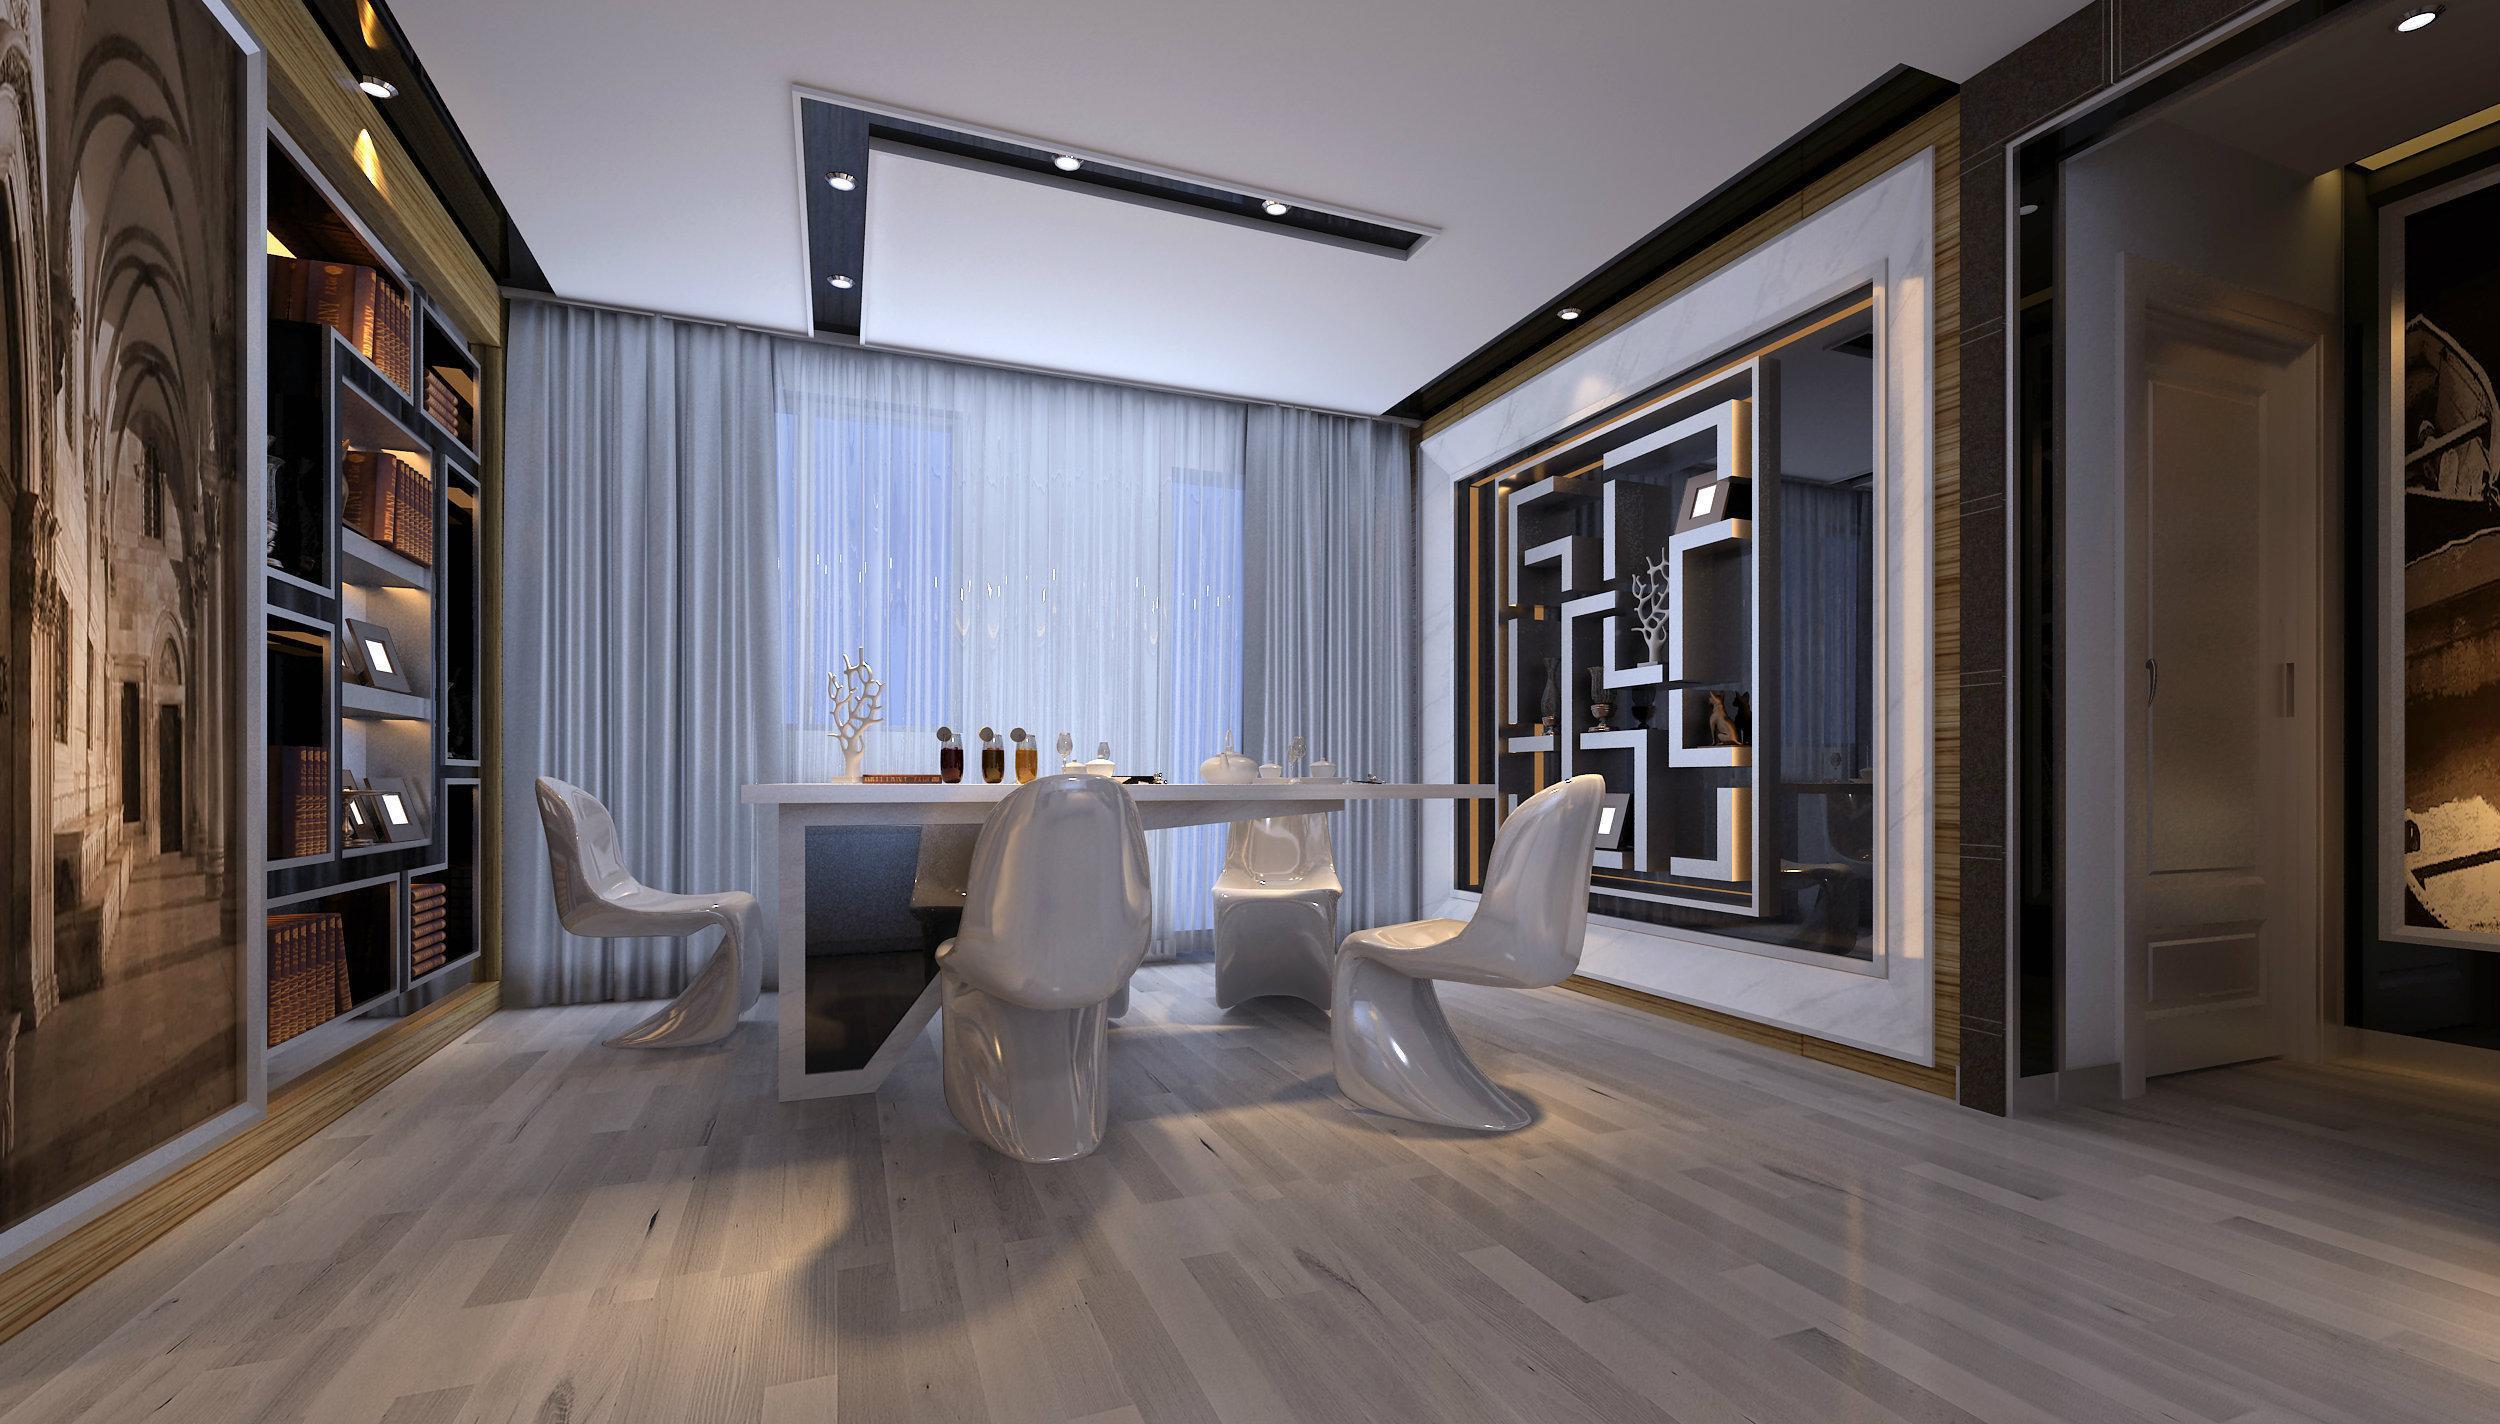 黑白灰现代时尚三居室餐厅装修效果图